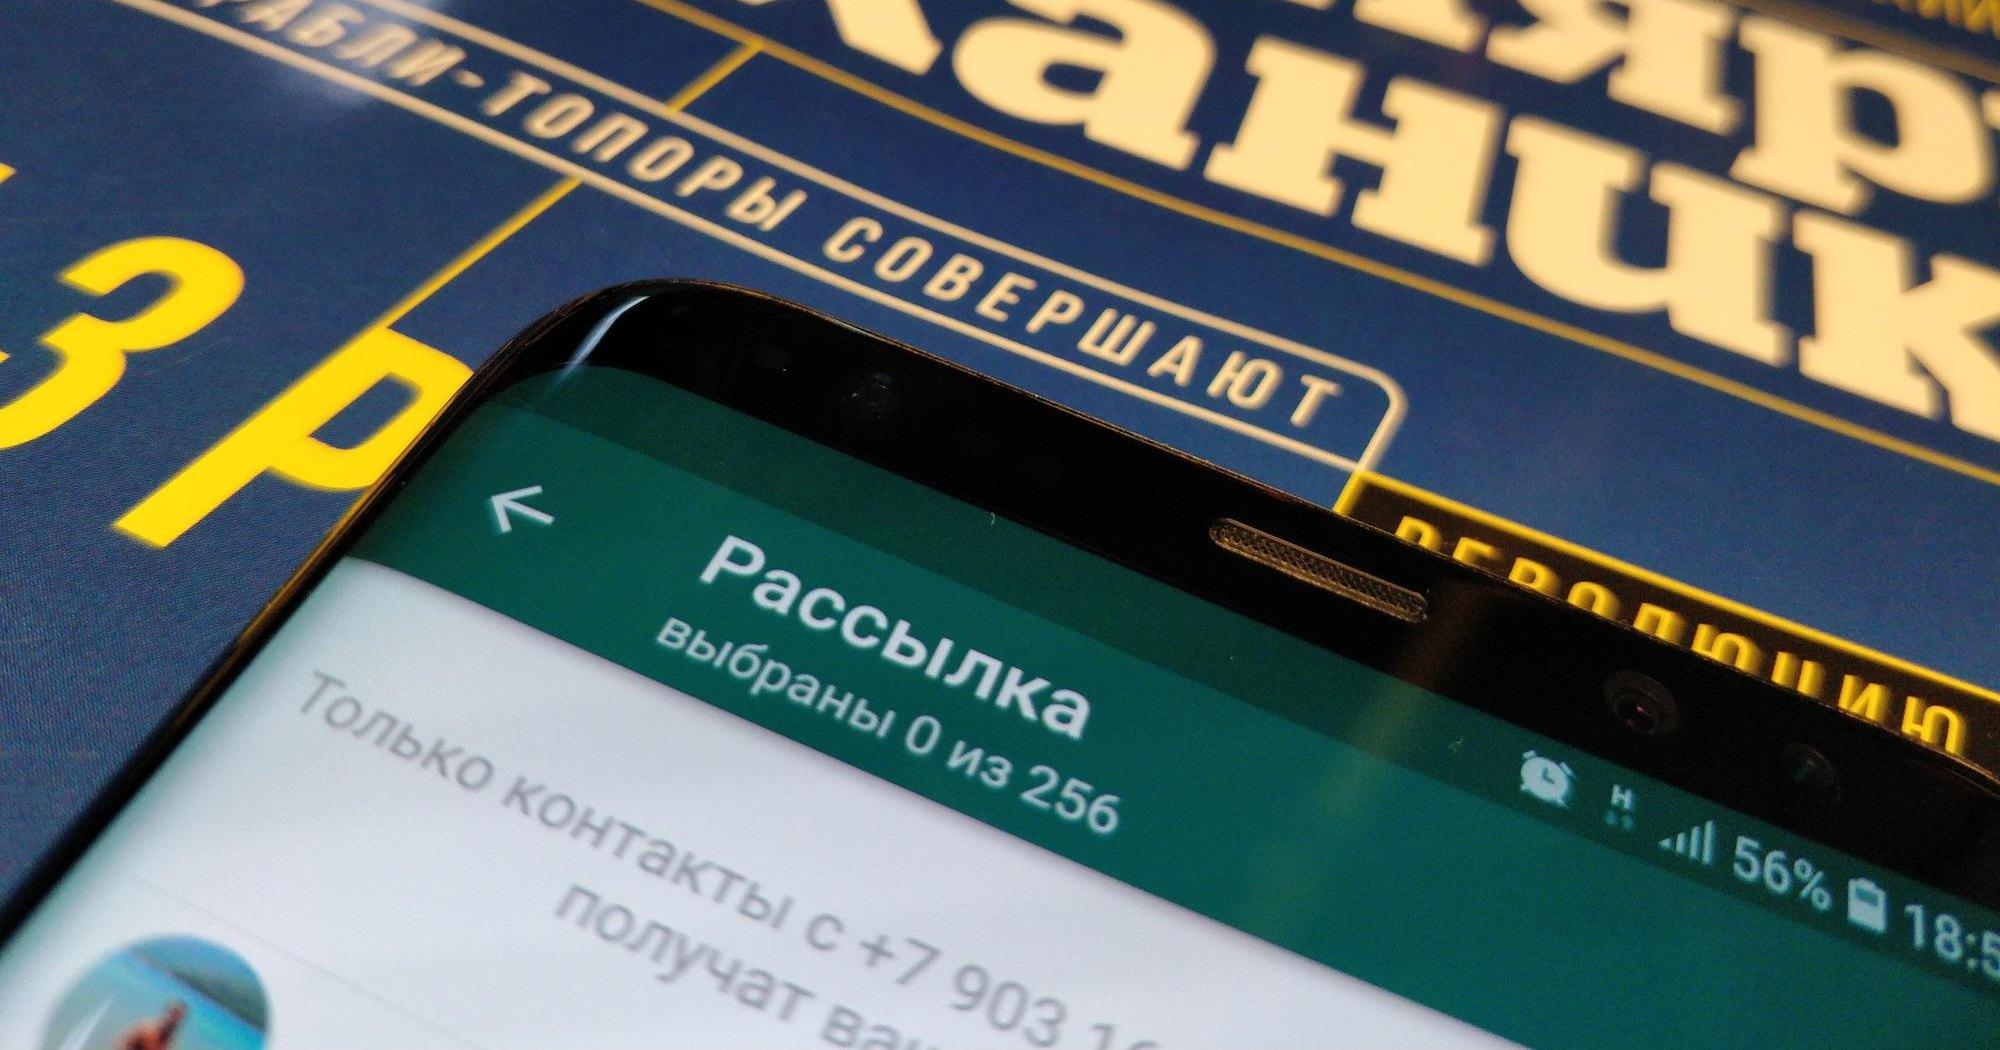 WhatsApp ввел ограничения: не более пяти сообщений в день